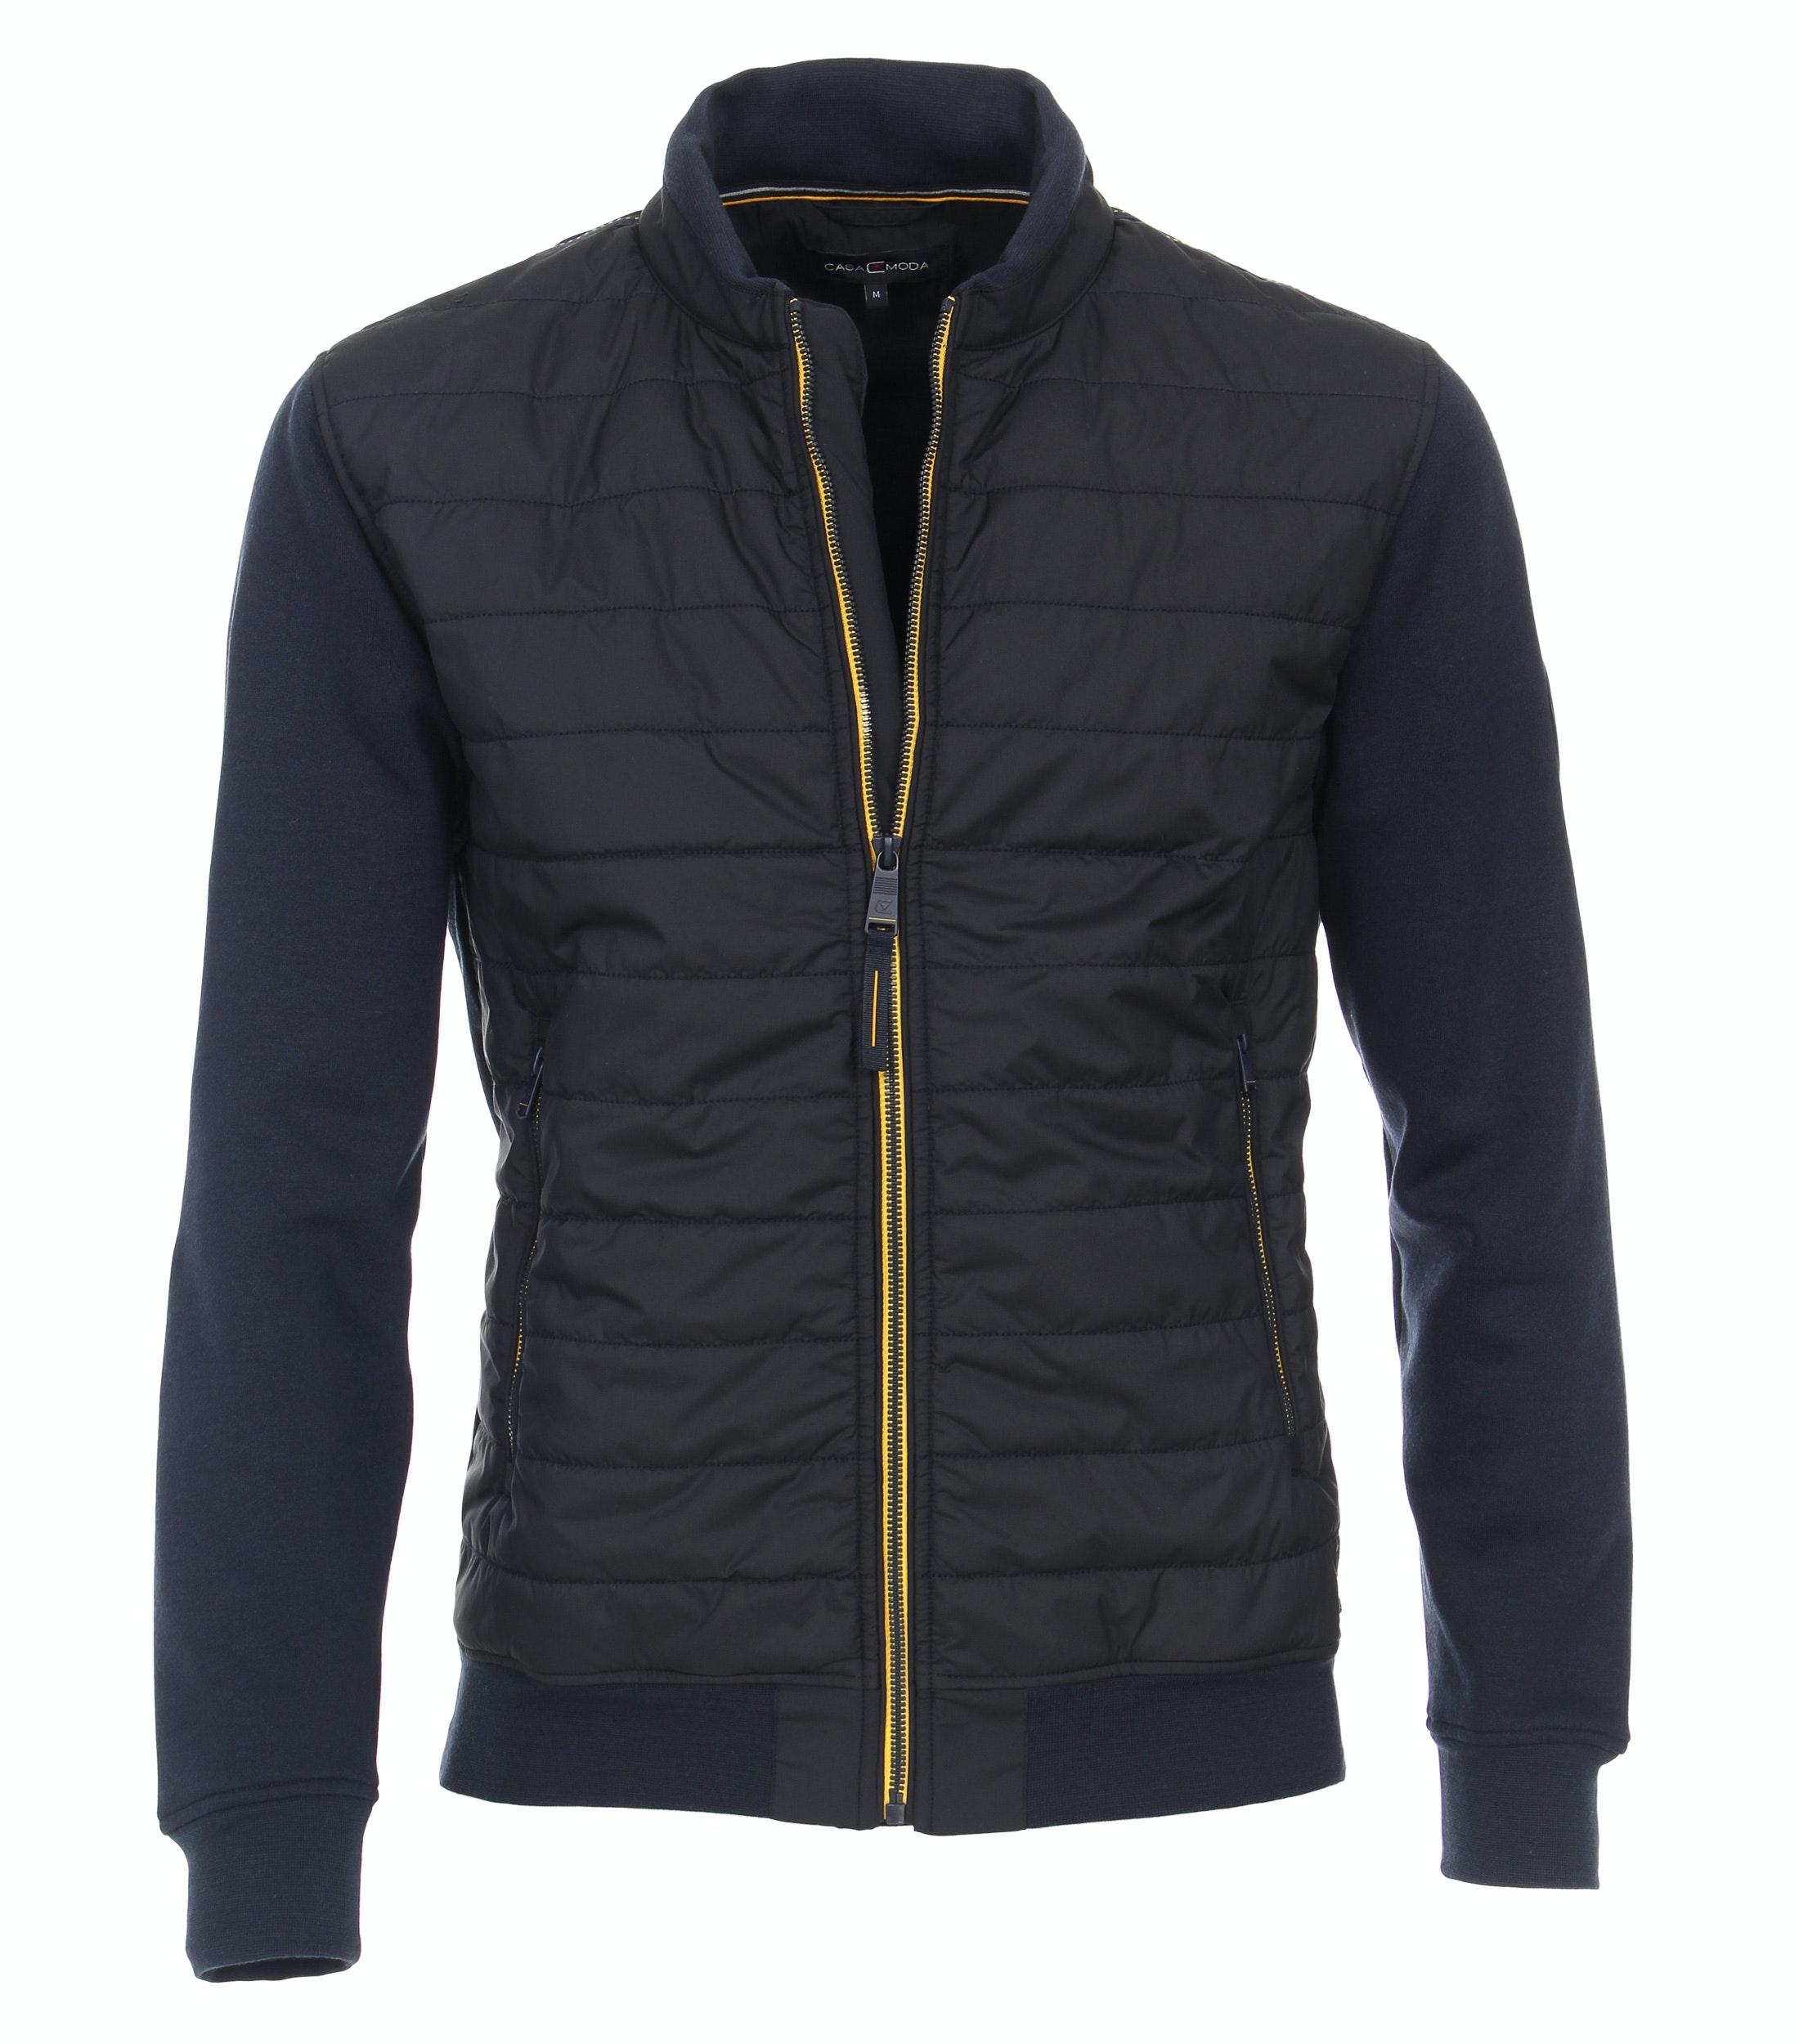 Sportief jack van merk CASA MODA in de kleur navy, gemaakt van 60% katoen, 40% polyester. Dit sweat jack presenteert zich in een sportief design en inspireert met zijn aangename draageigenschappen in het dagelijks leven. Het is modieus doorgestikt aan de voorkant en heeft twee zakken die met een rits kunnen worden afgesloten en ruimte bieden voor belangrijke gebruiksvoorwerpen. Comfortabel met jeans en een T-shirt of casual met bijpassende chino's - dit sweat jack is altijd een goede keuze.